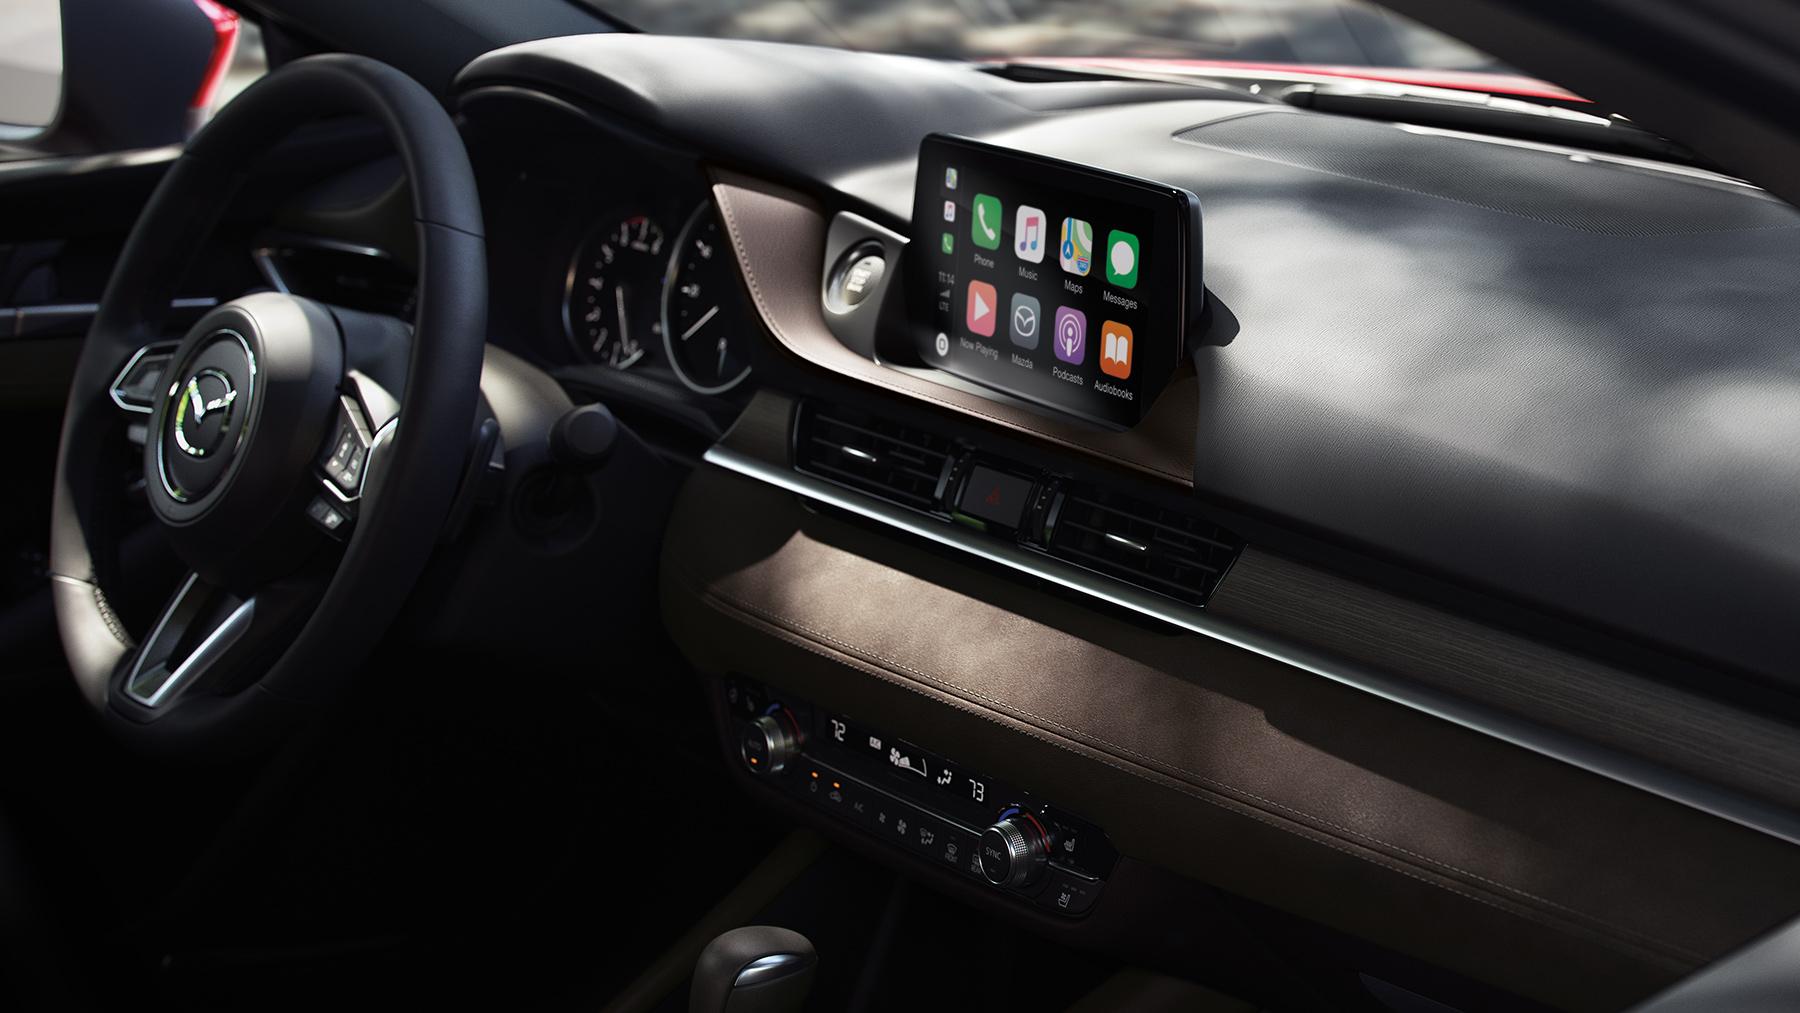 2019 Mazda6 Dashboard